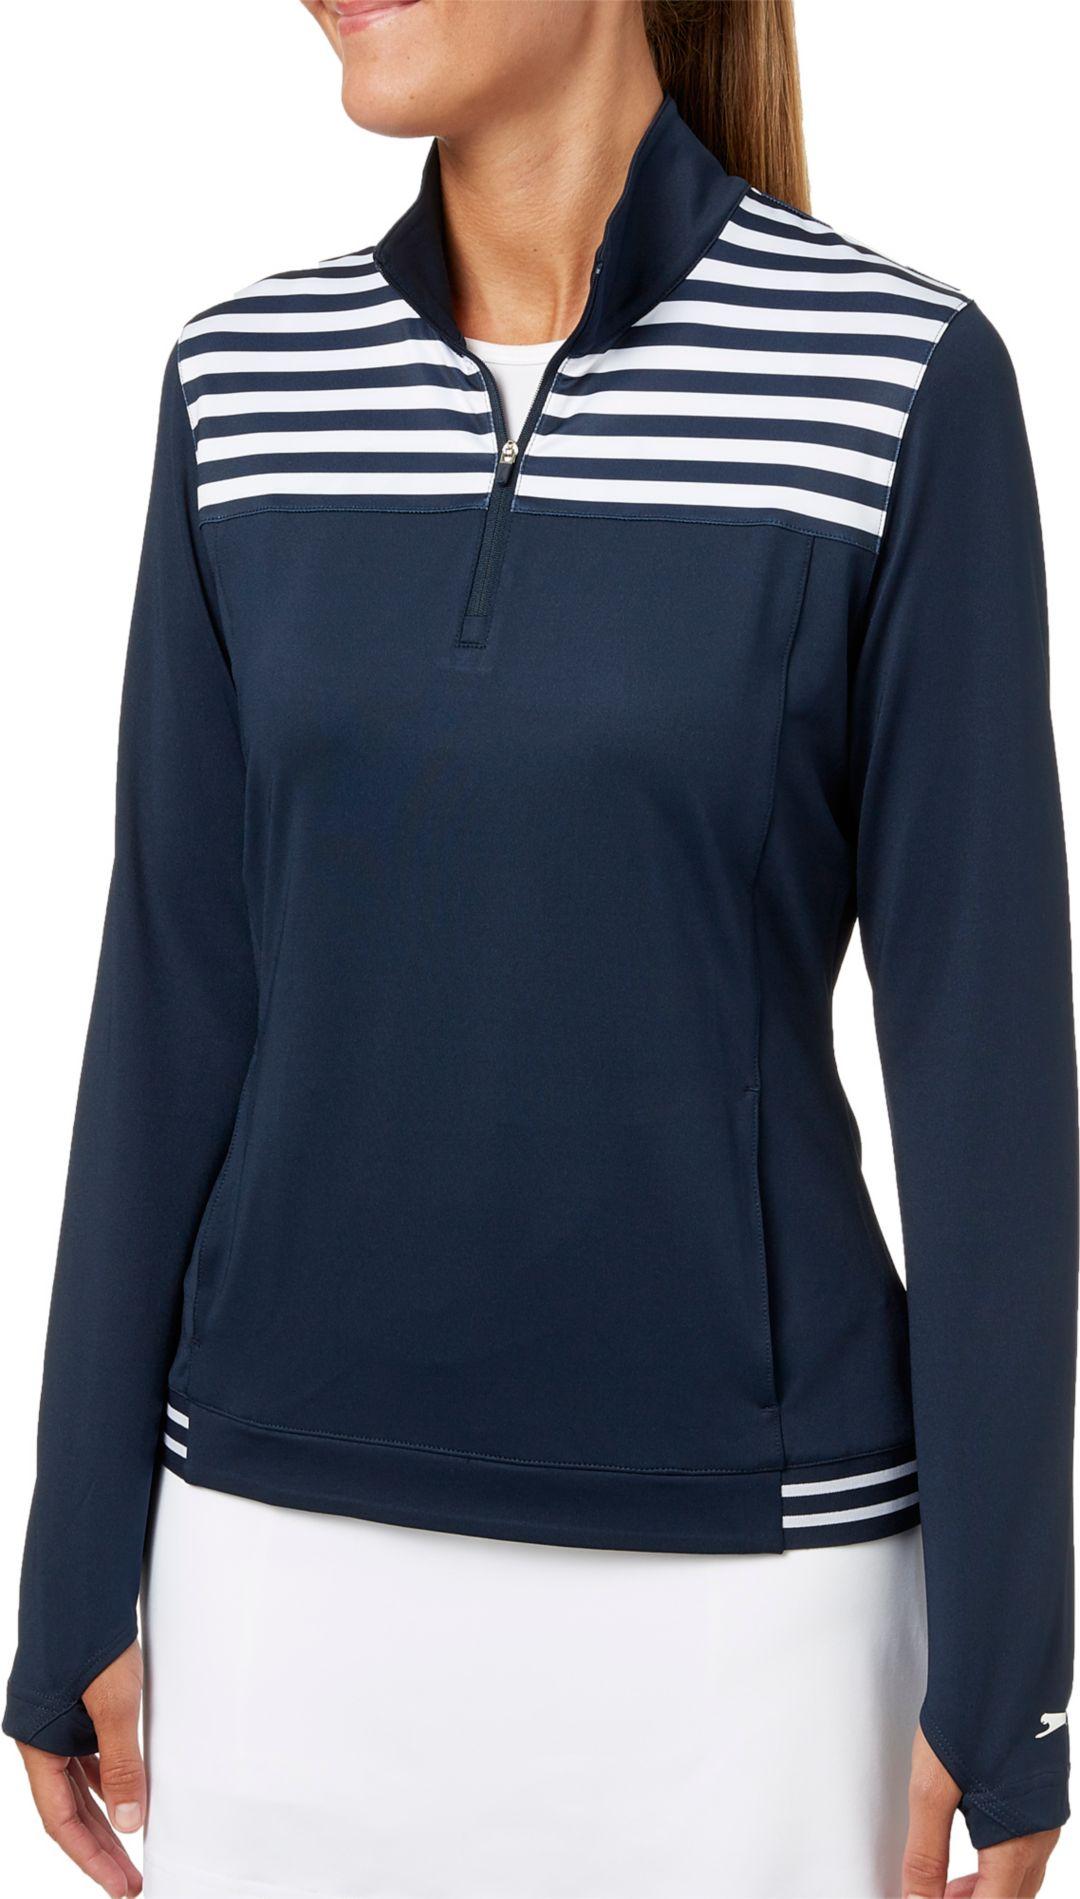 92396eeb74 Slazenger Women's Striped Golf 1/4-Zip | DICK'S Sporting Goods